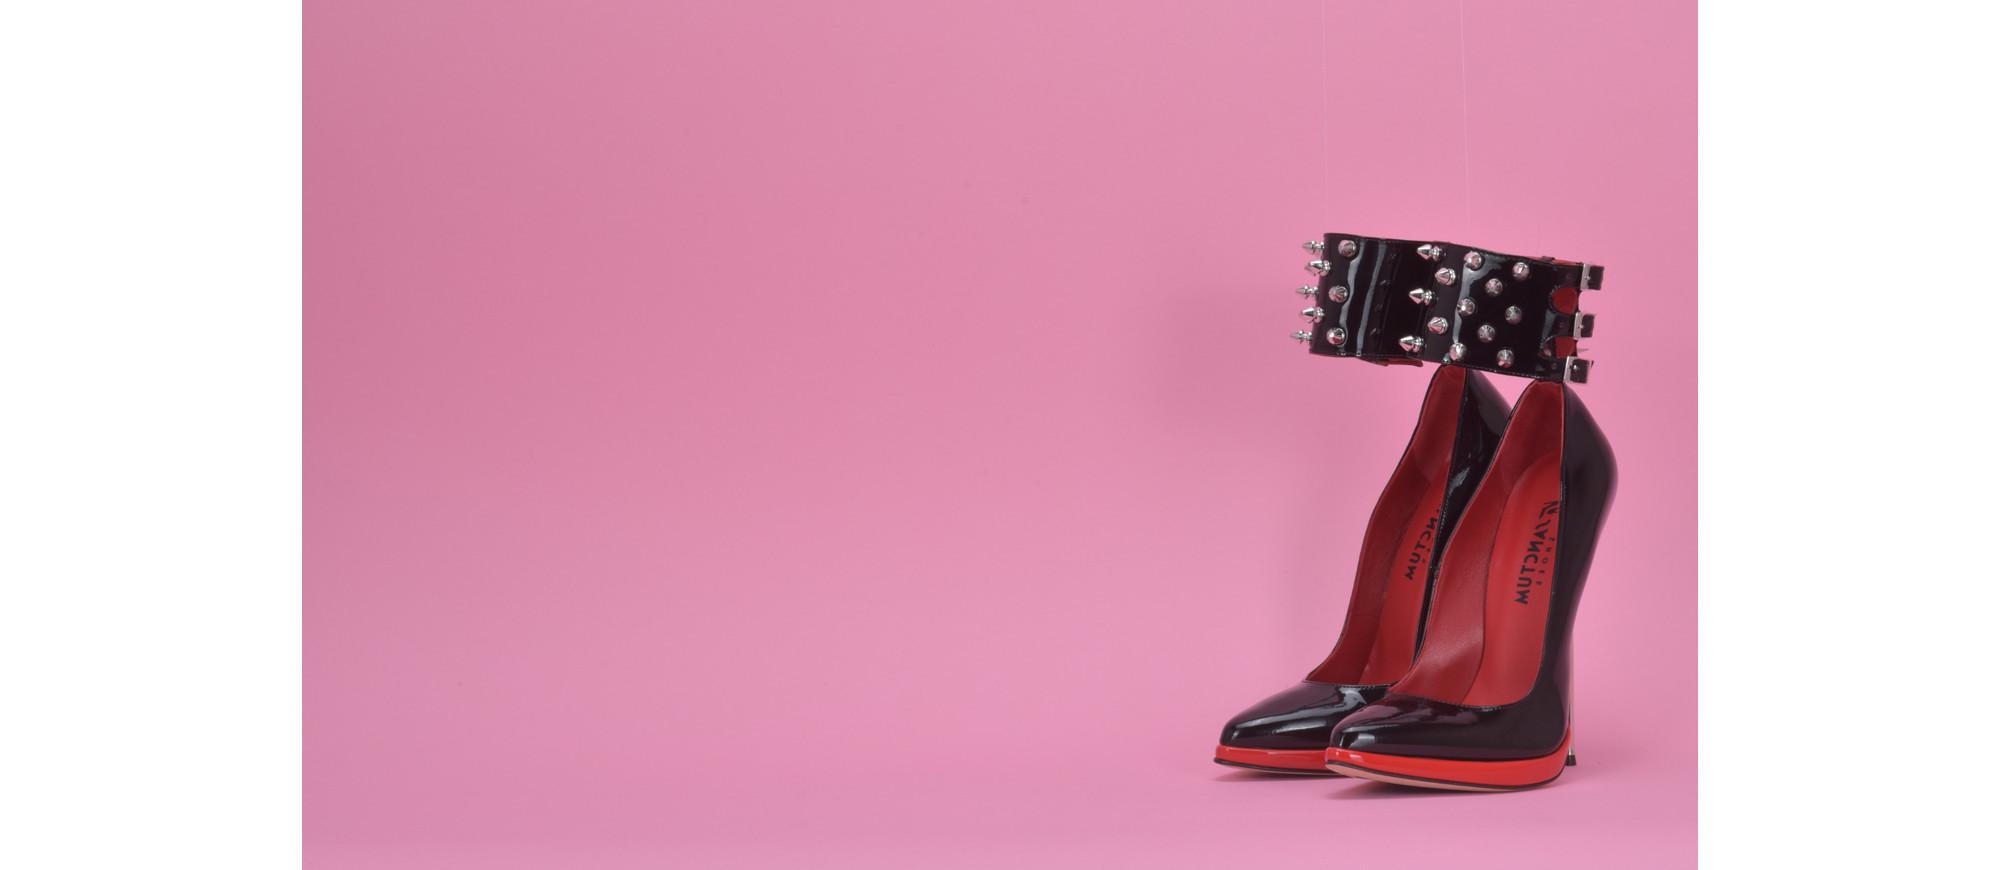 Italian metal heel pumps